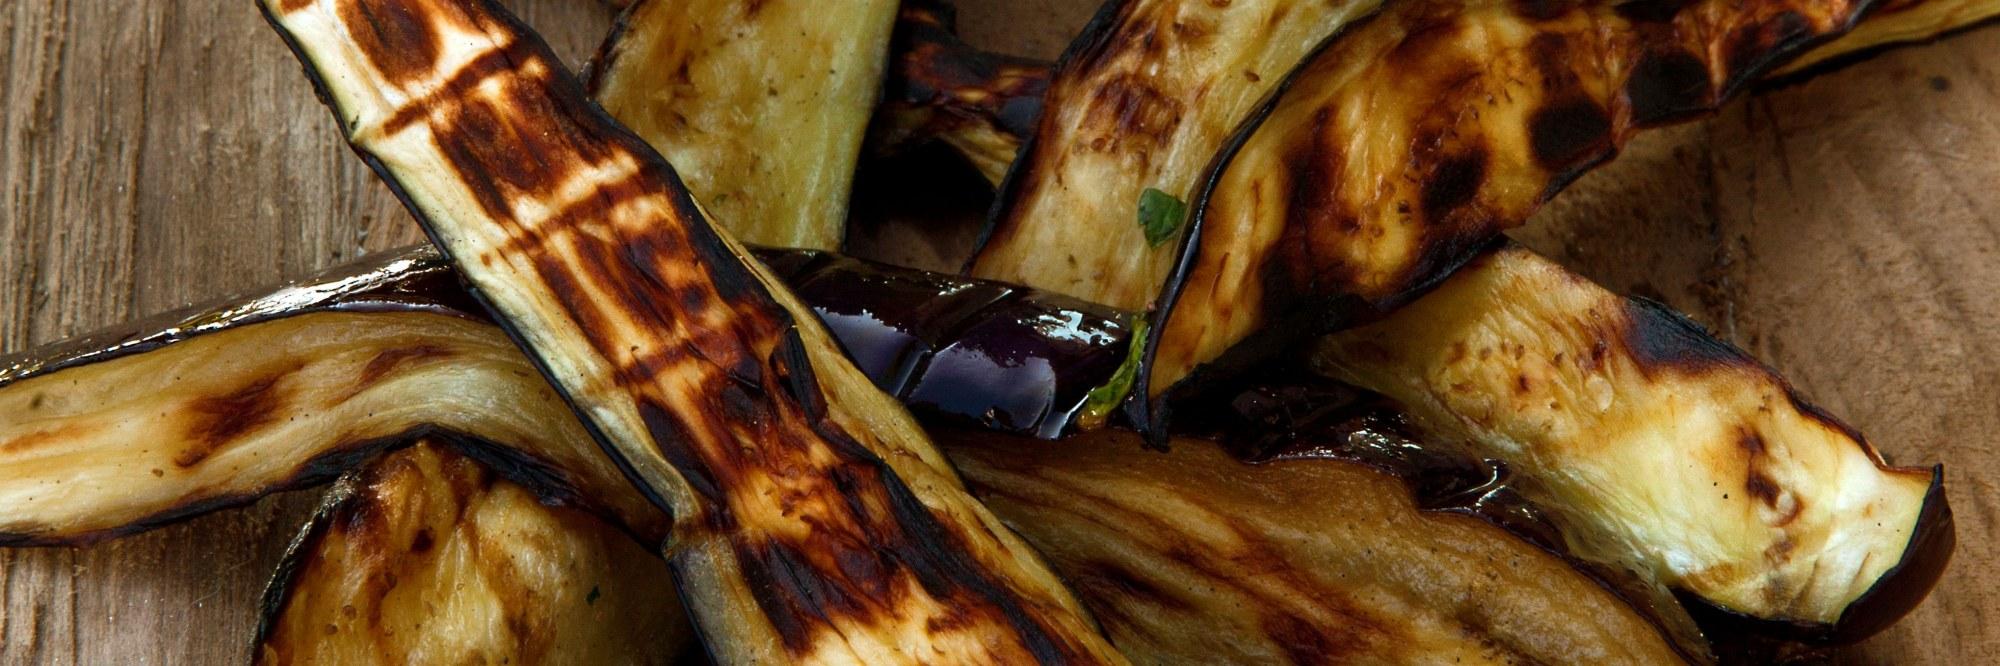 Aubergines grillées avec une sauce au chimichurri